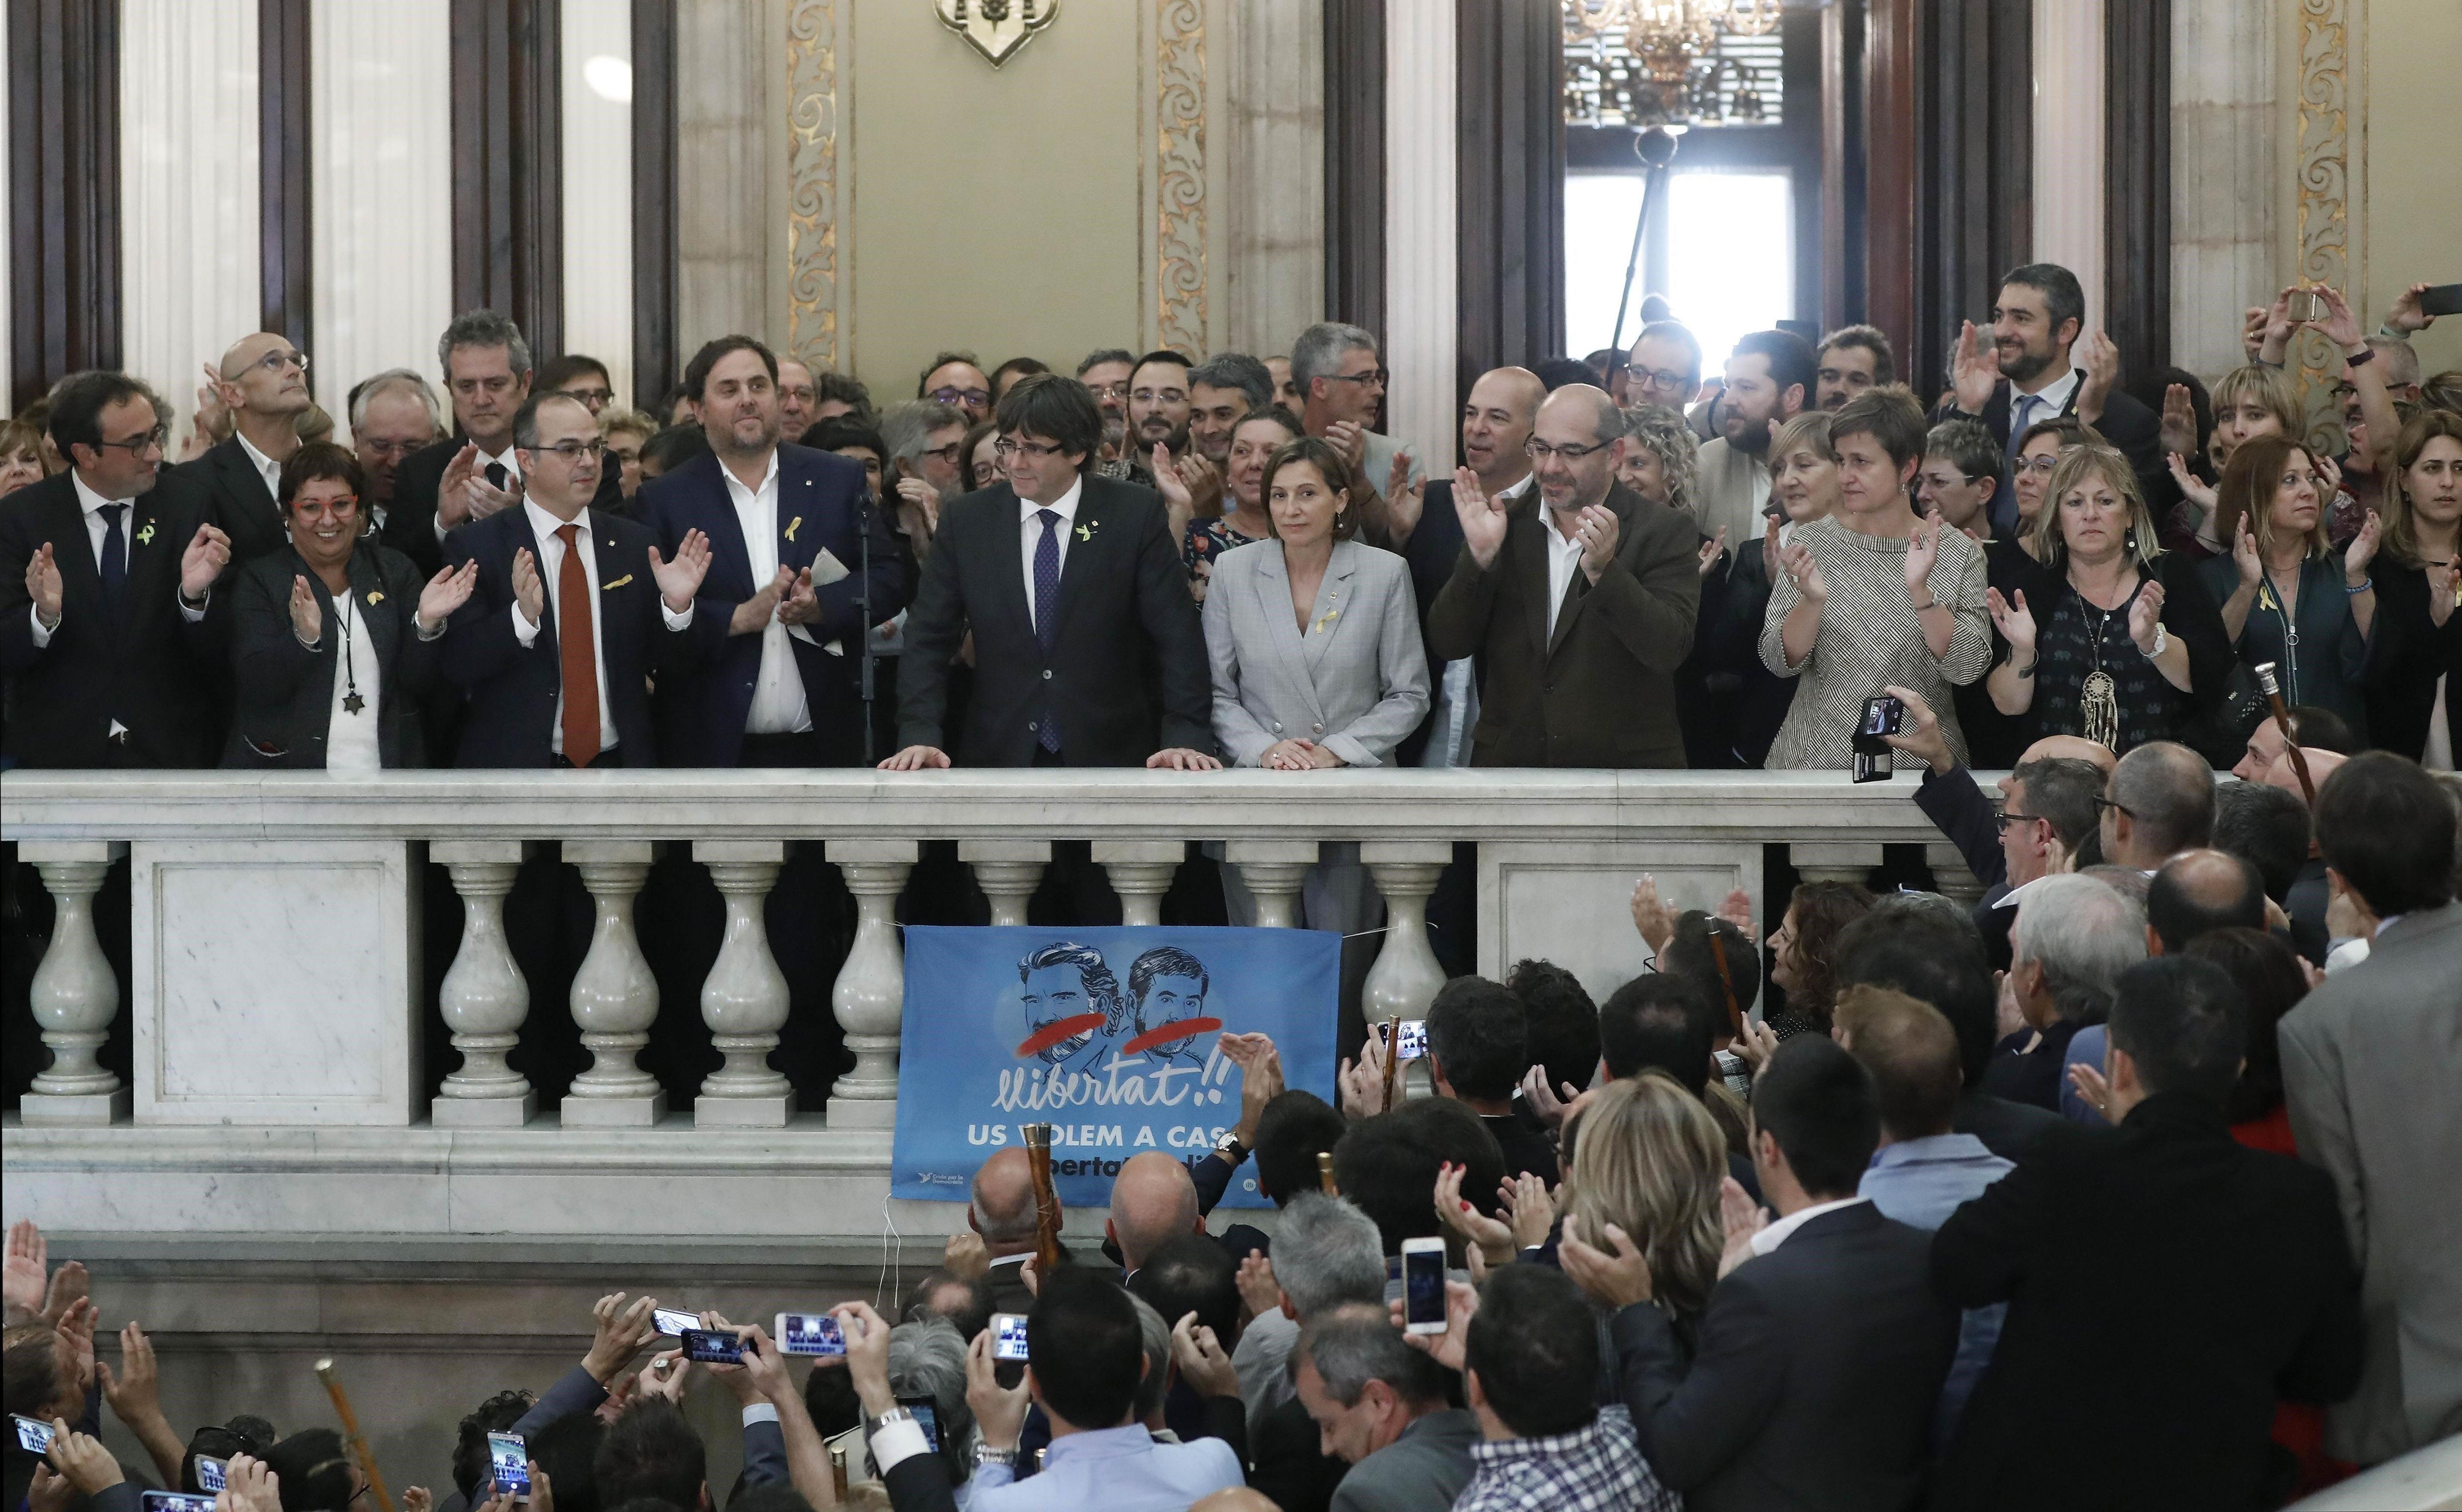 El president de la Generalitat, Carles Puigdemont, al costat del vicepresident del Govern i conseller d'Economia, Oriol Junqueras, i la presidenta del Parlament, Carme Forcadell, fa una declaració a les escalinates del Parlament. /EFE